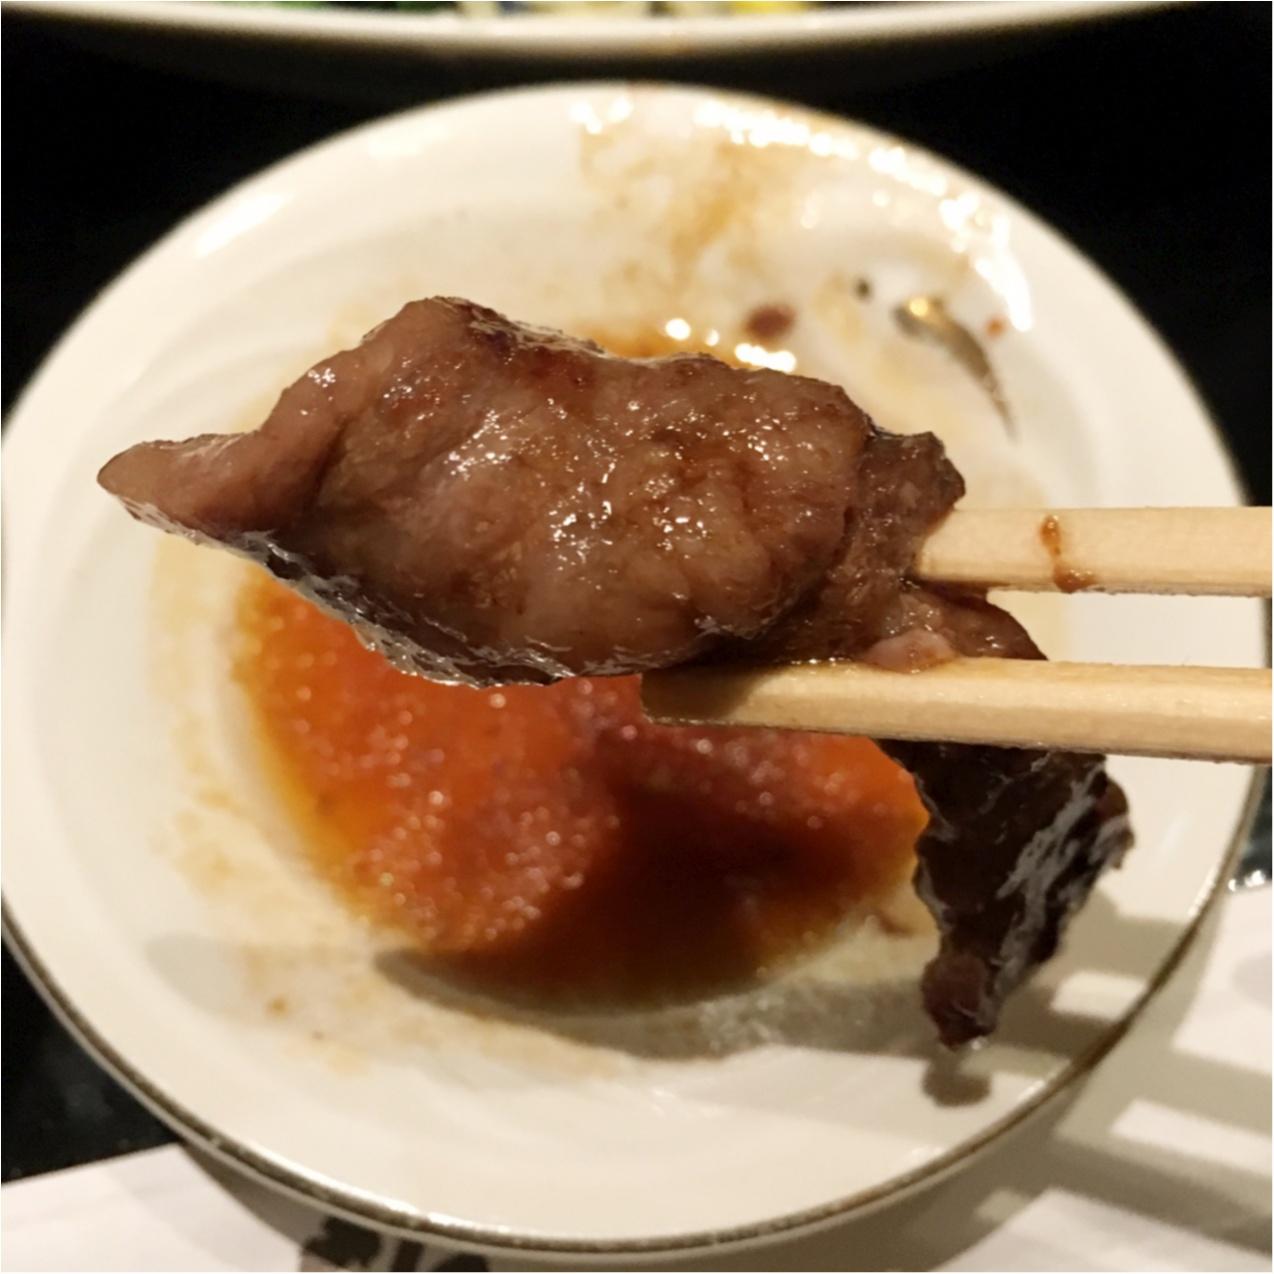 絶対お得!高級焼肉店《 叙々苑 》のランチタイムは美味しいお肉がリーズナブルに食べれちゃう♡_5